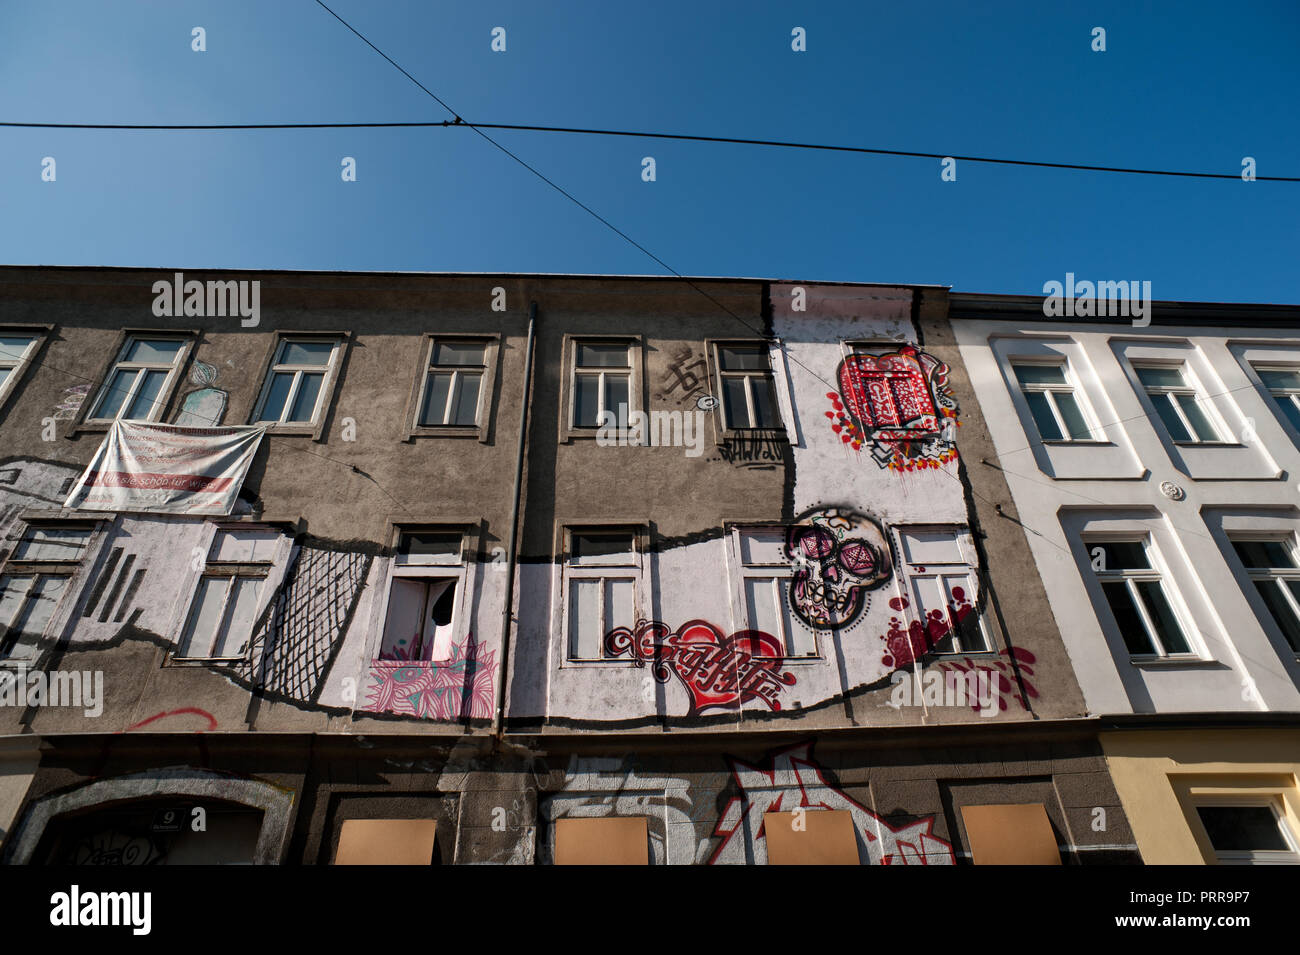 Wien, Brunnenmarktviertel, Malerei an der Fassade eines Abbruchhauses - Stock Image